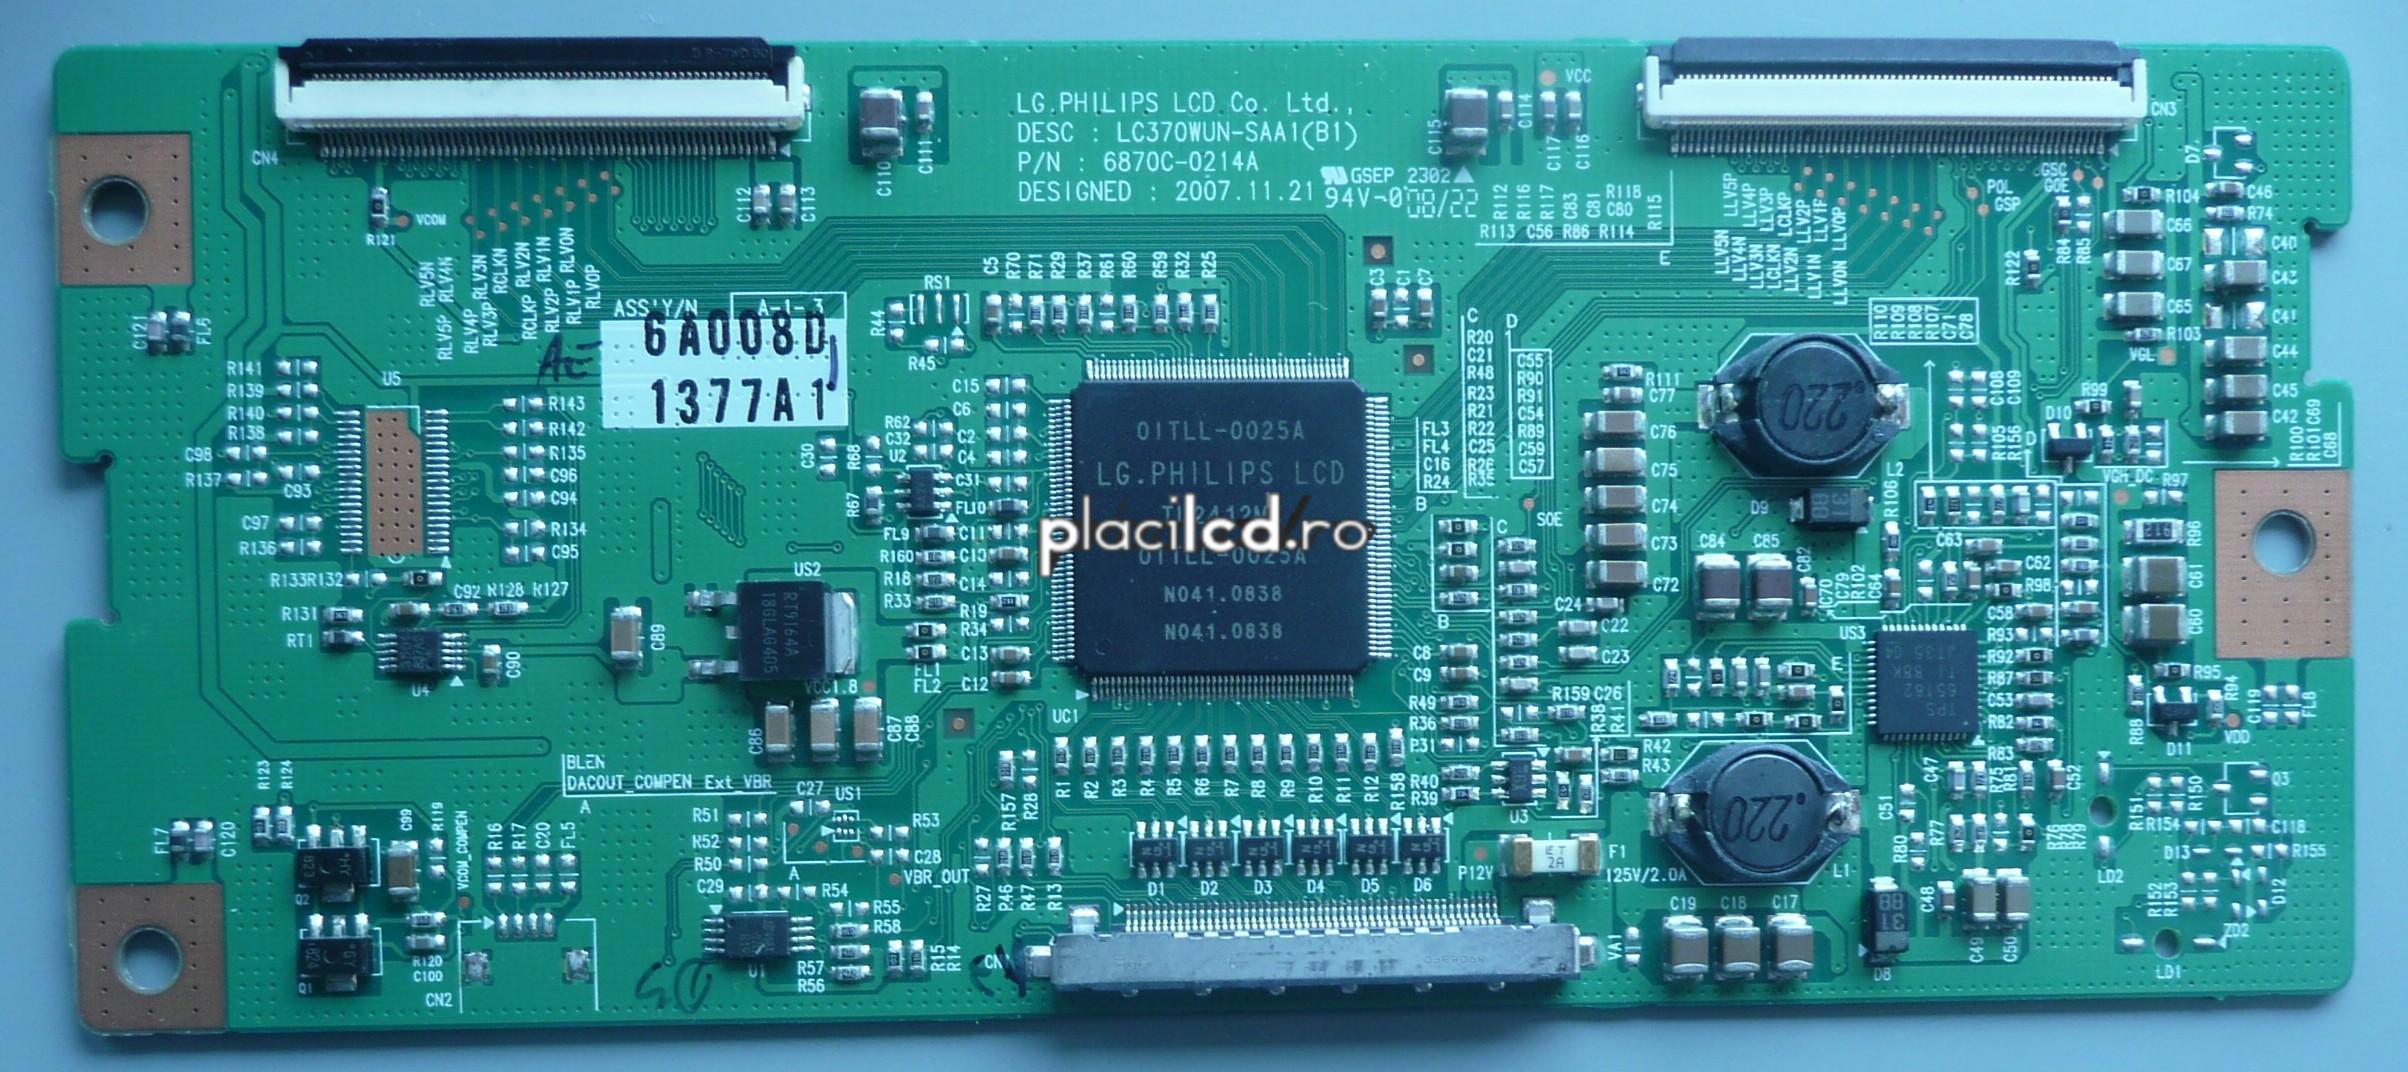 Placa LVDS 6870C-0214A